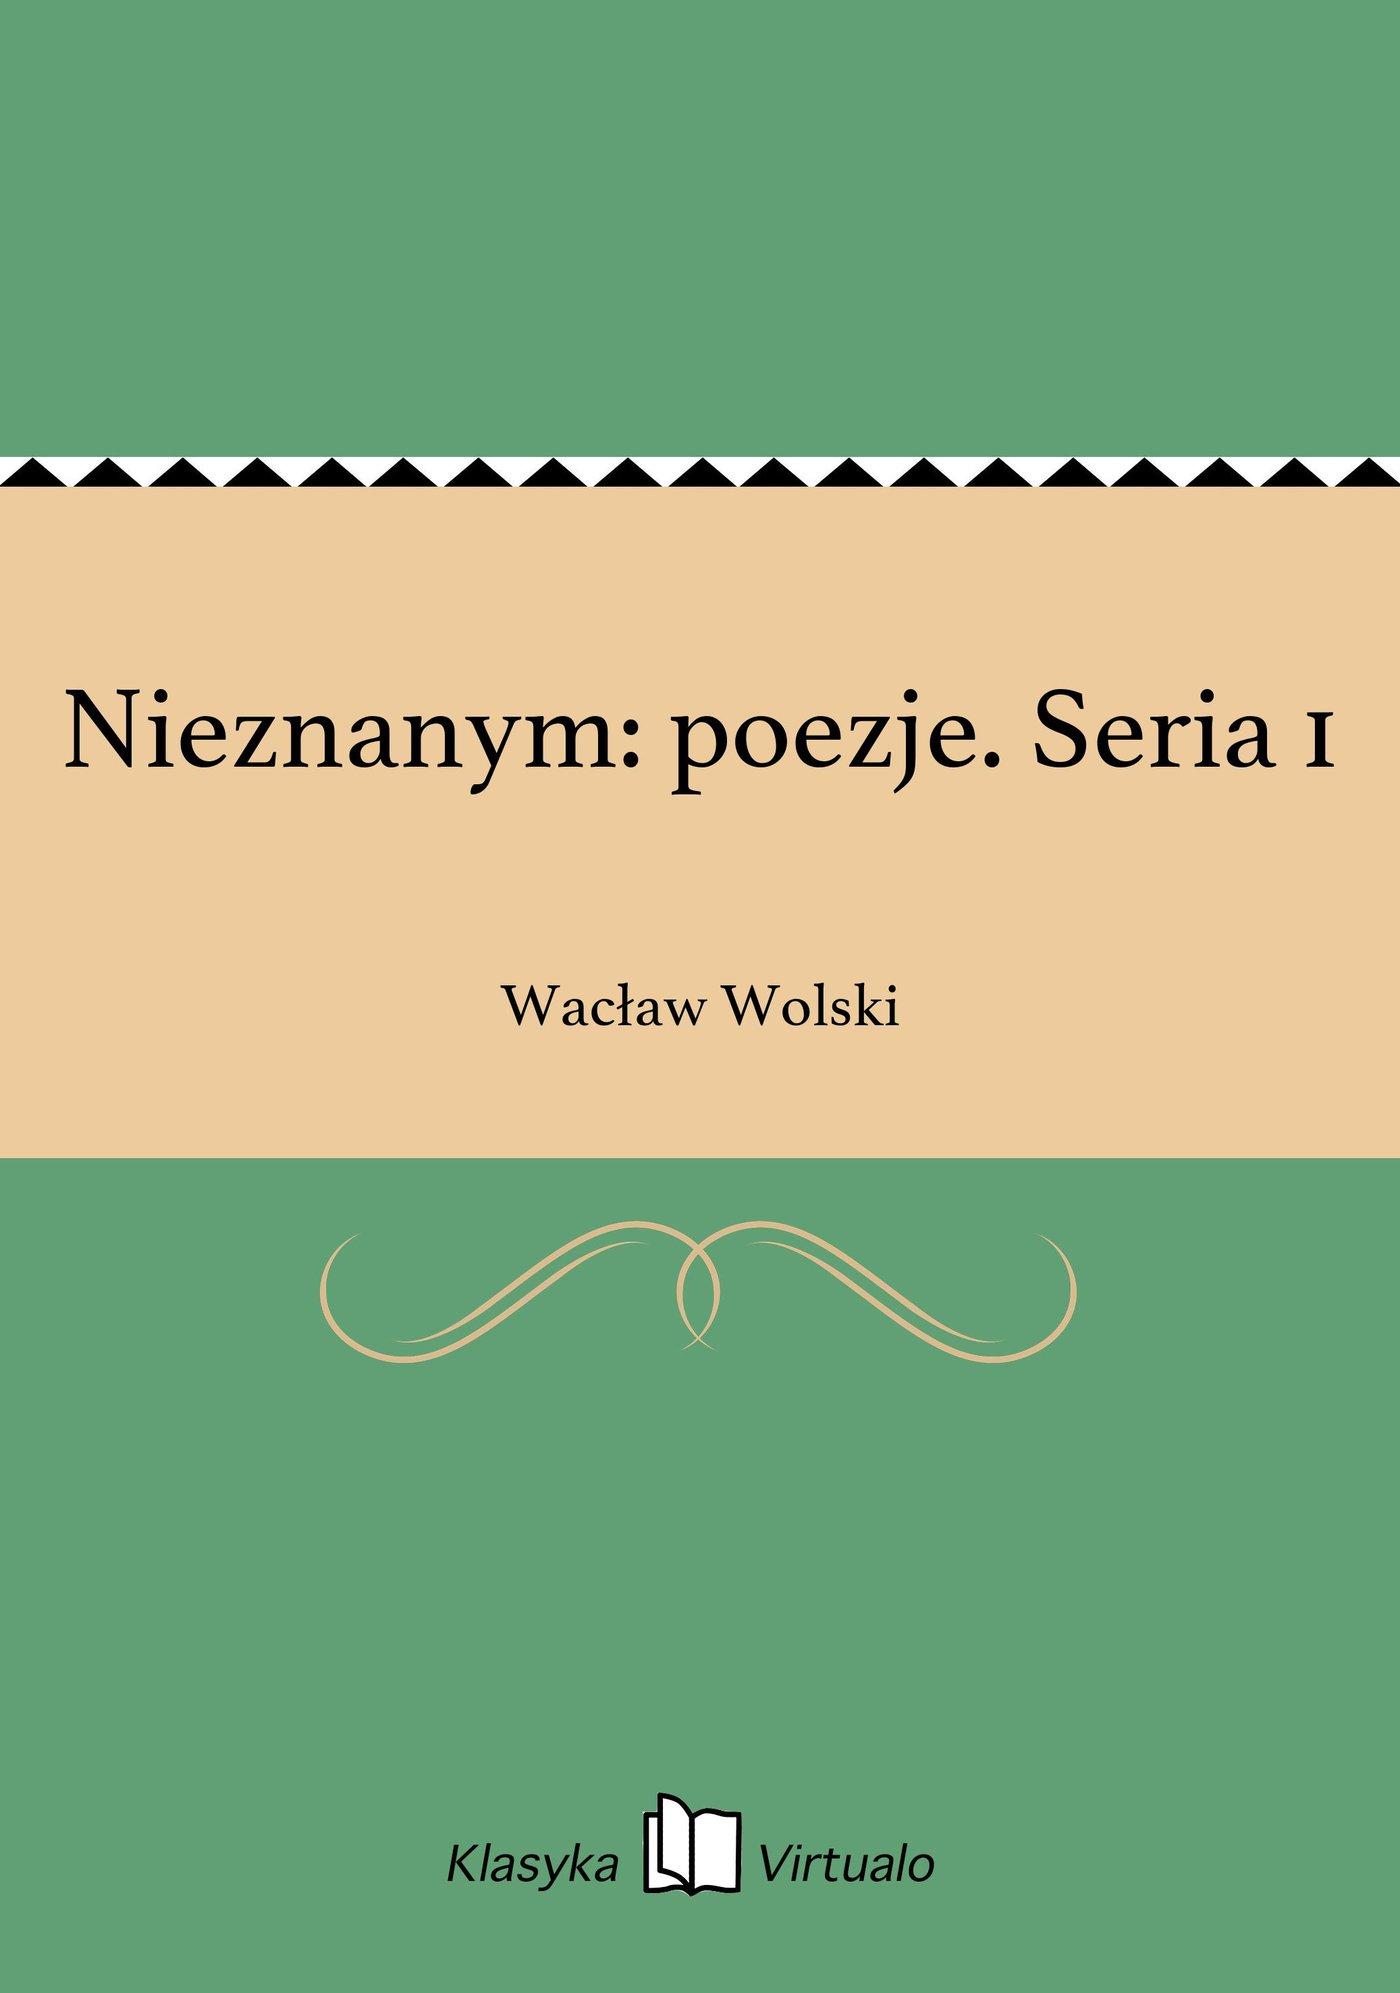 Nieznanym: poezje. Seria 1 - Ebook (Książka EPUB) do pobrania w formacie EPUB